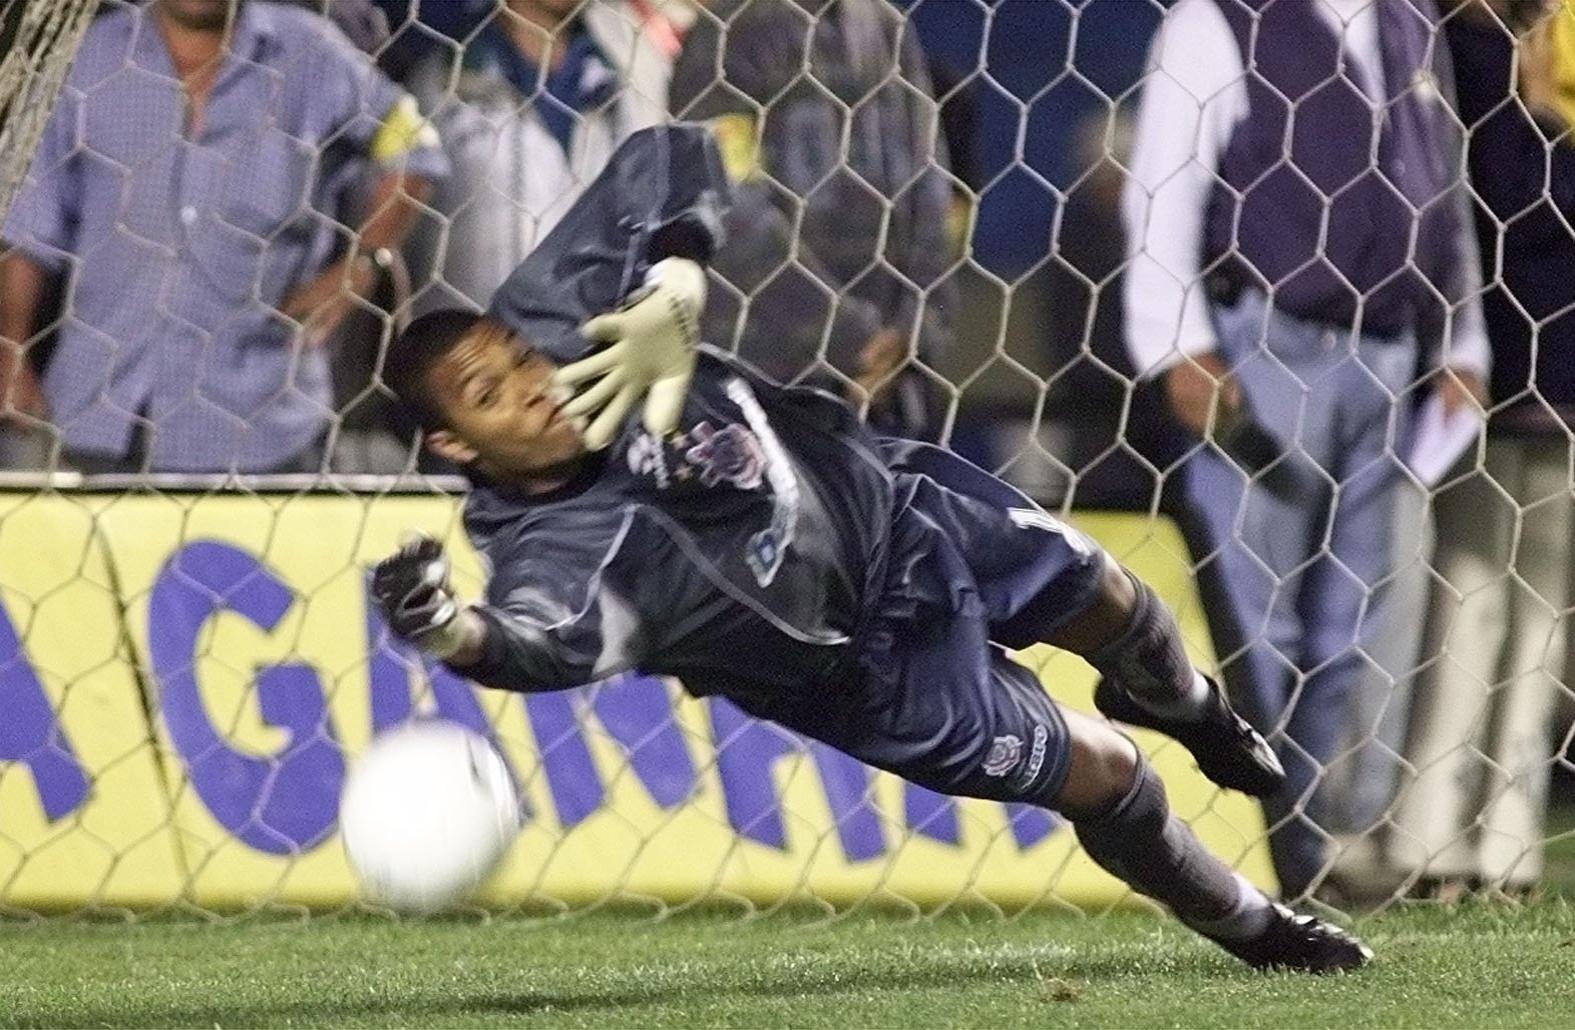 14.10.2013 - Dida, goleiro do Corinthians, se estica para defender o pênalti cobrado por Raí em 1999